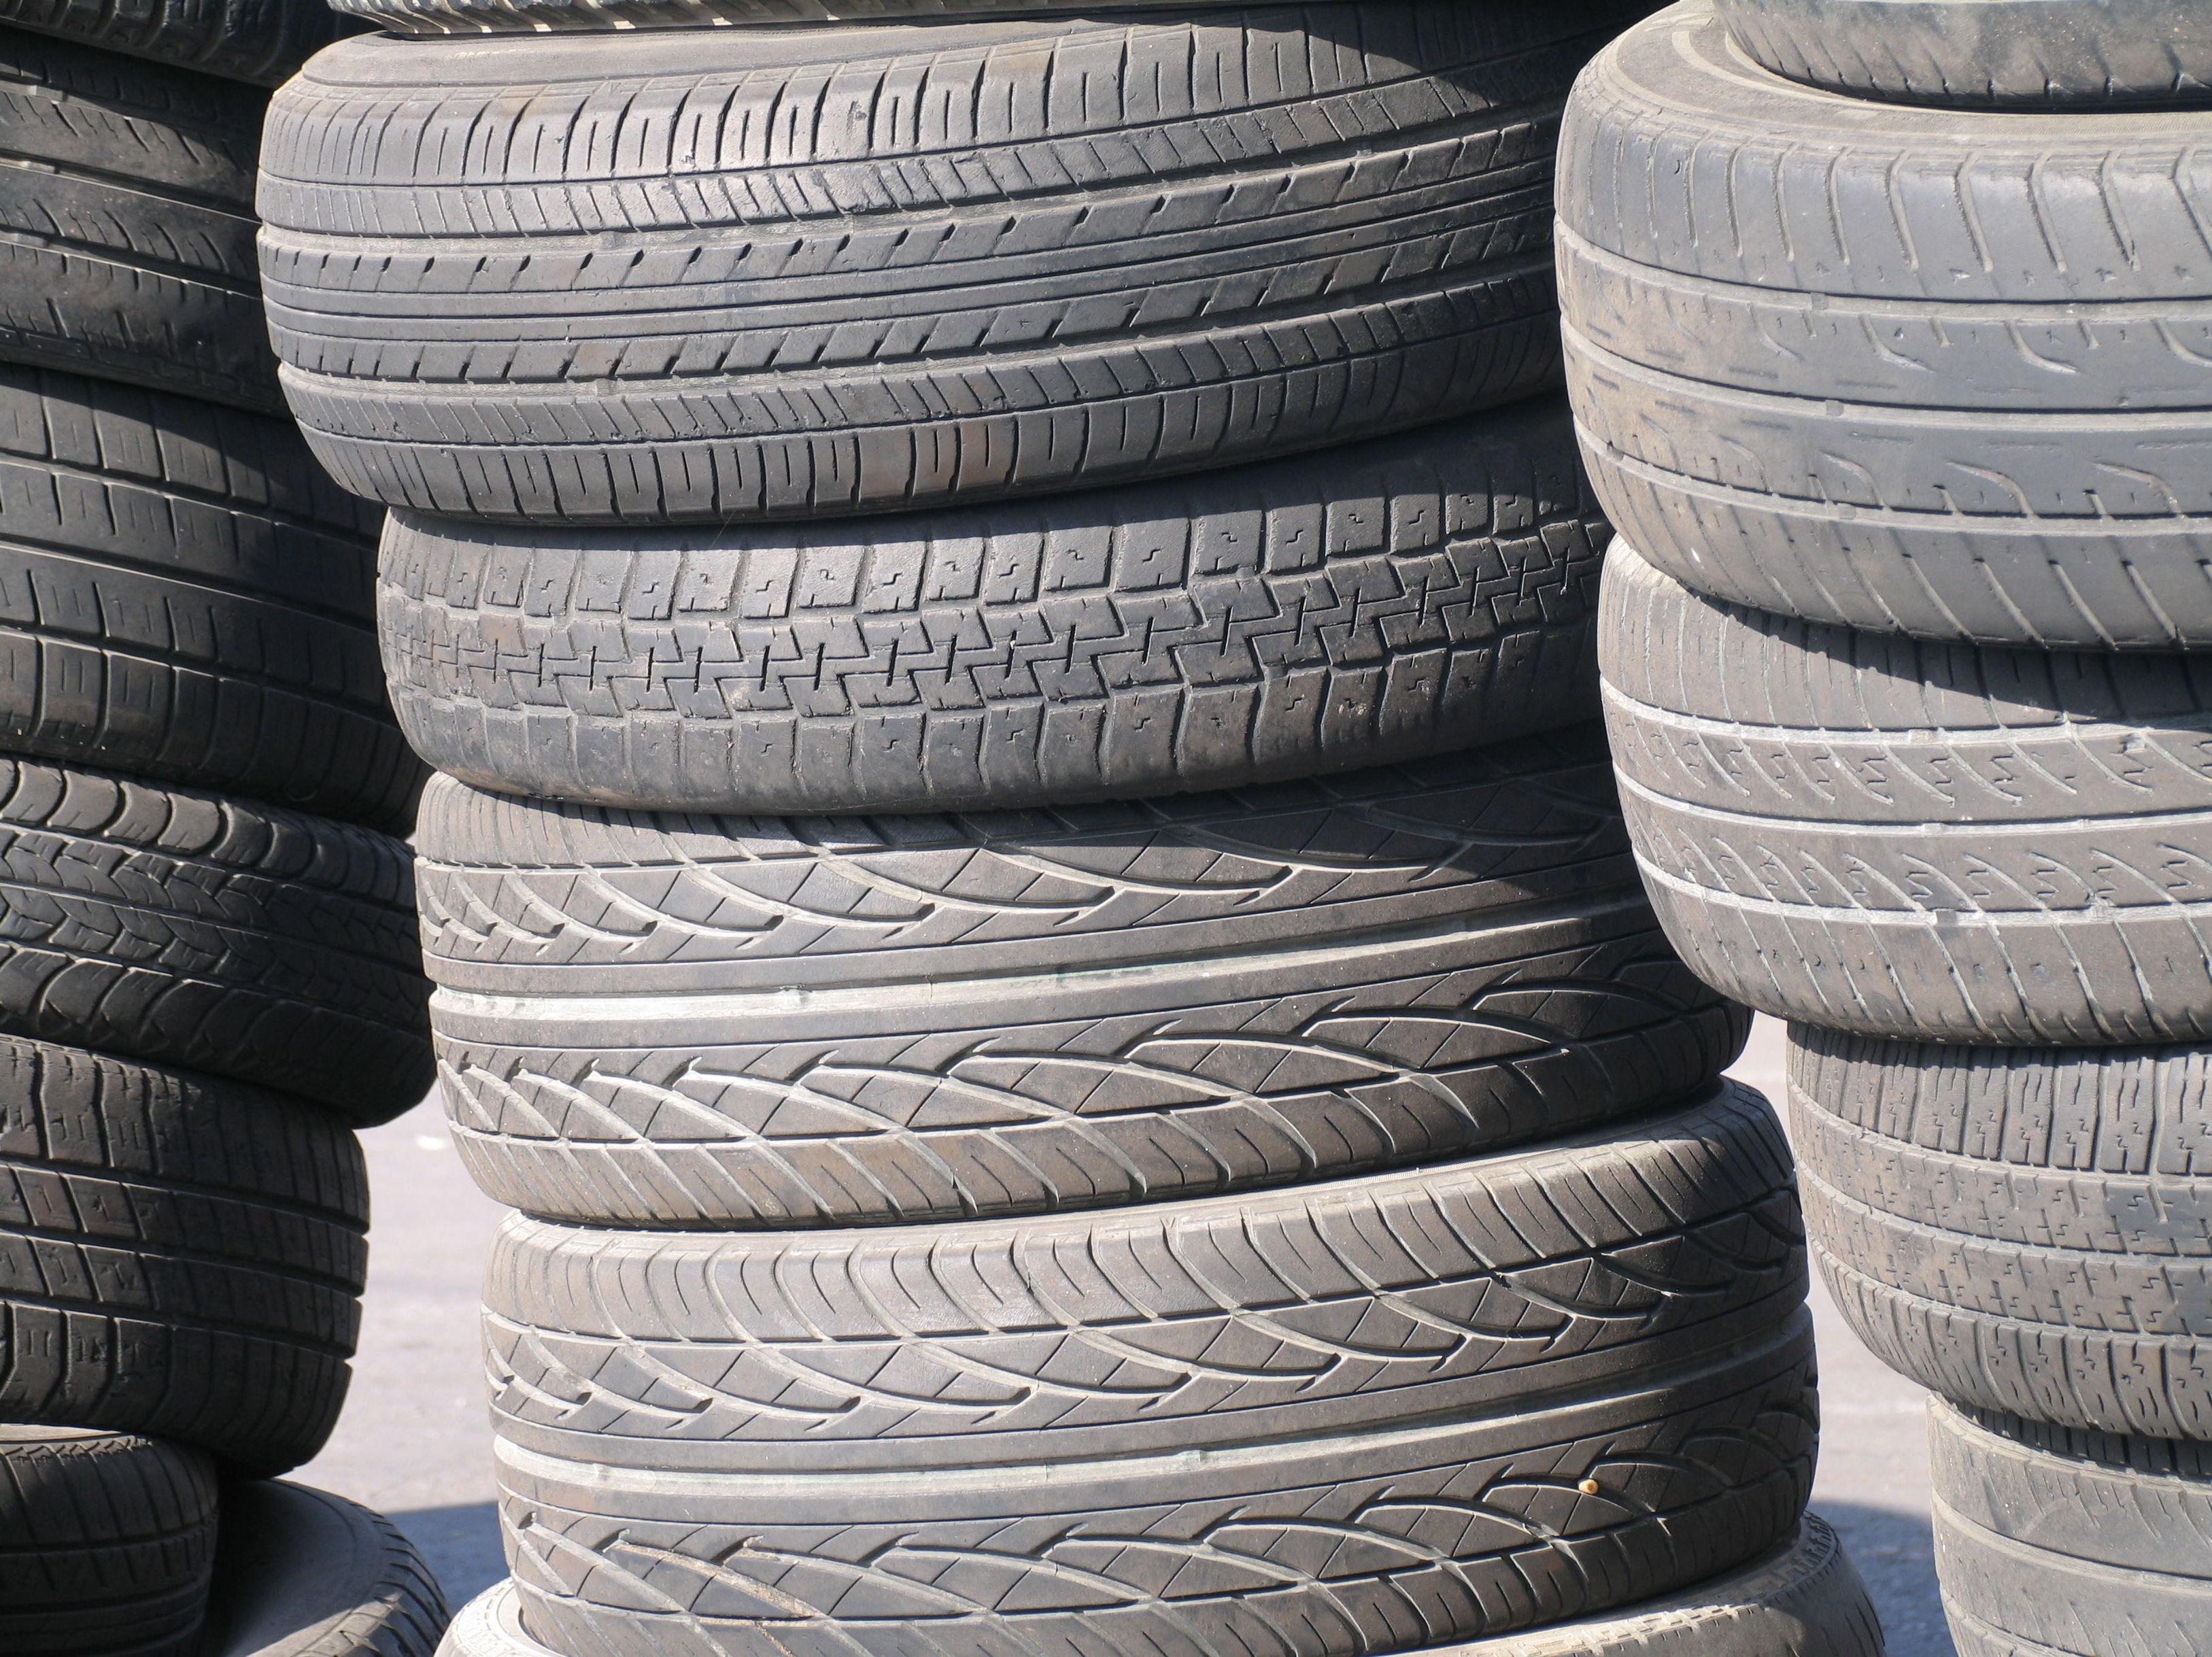 Neumáticos para el automóvil